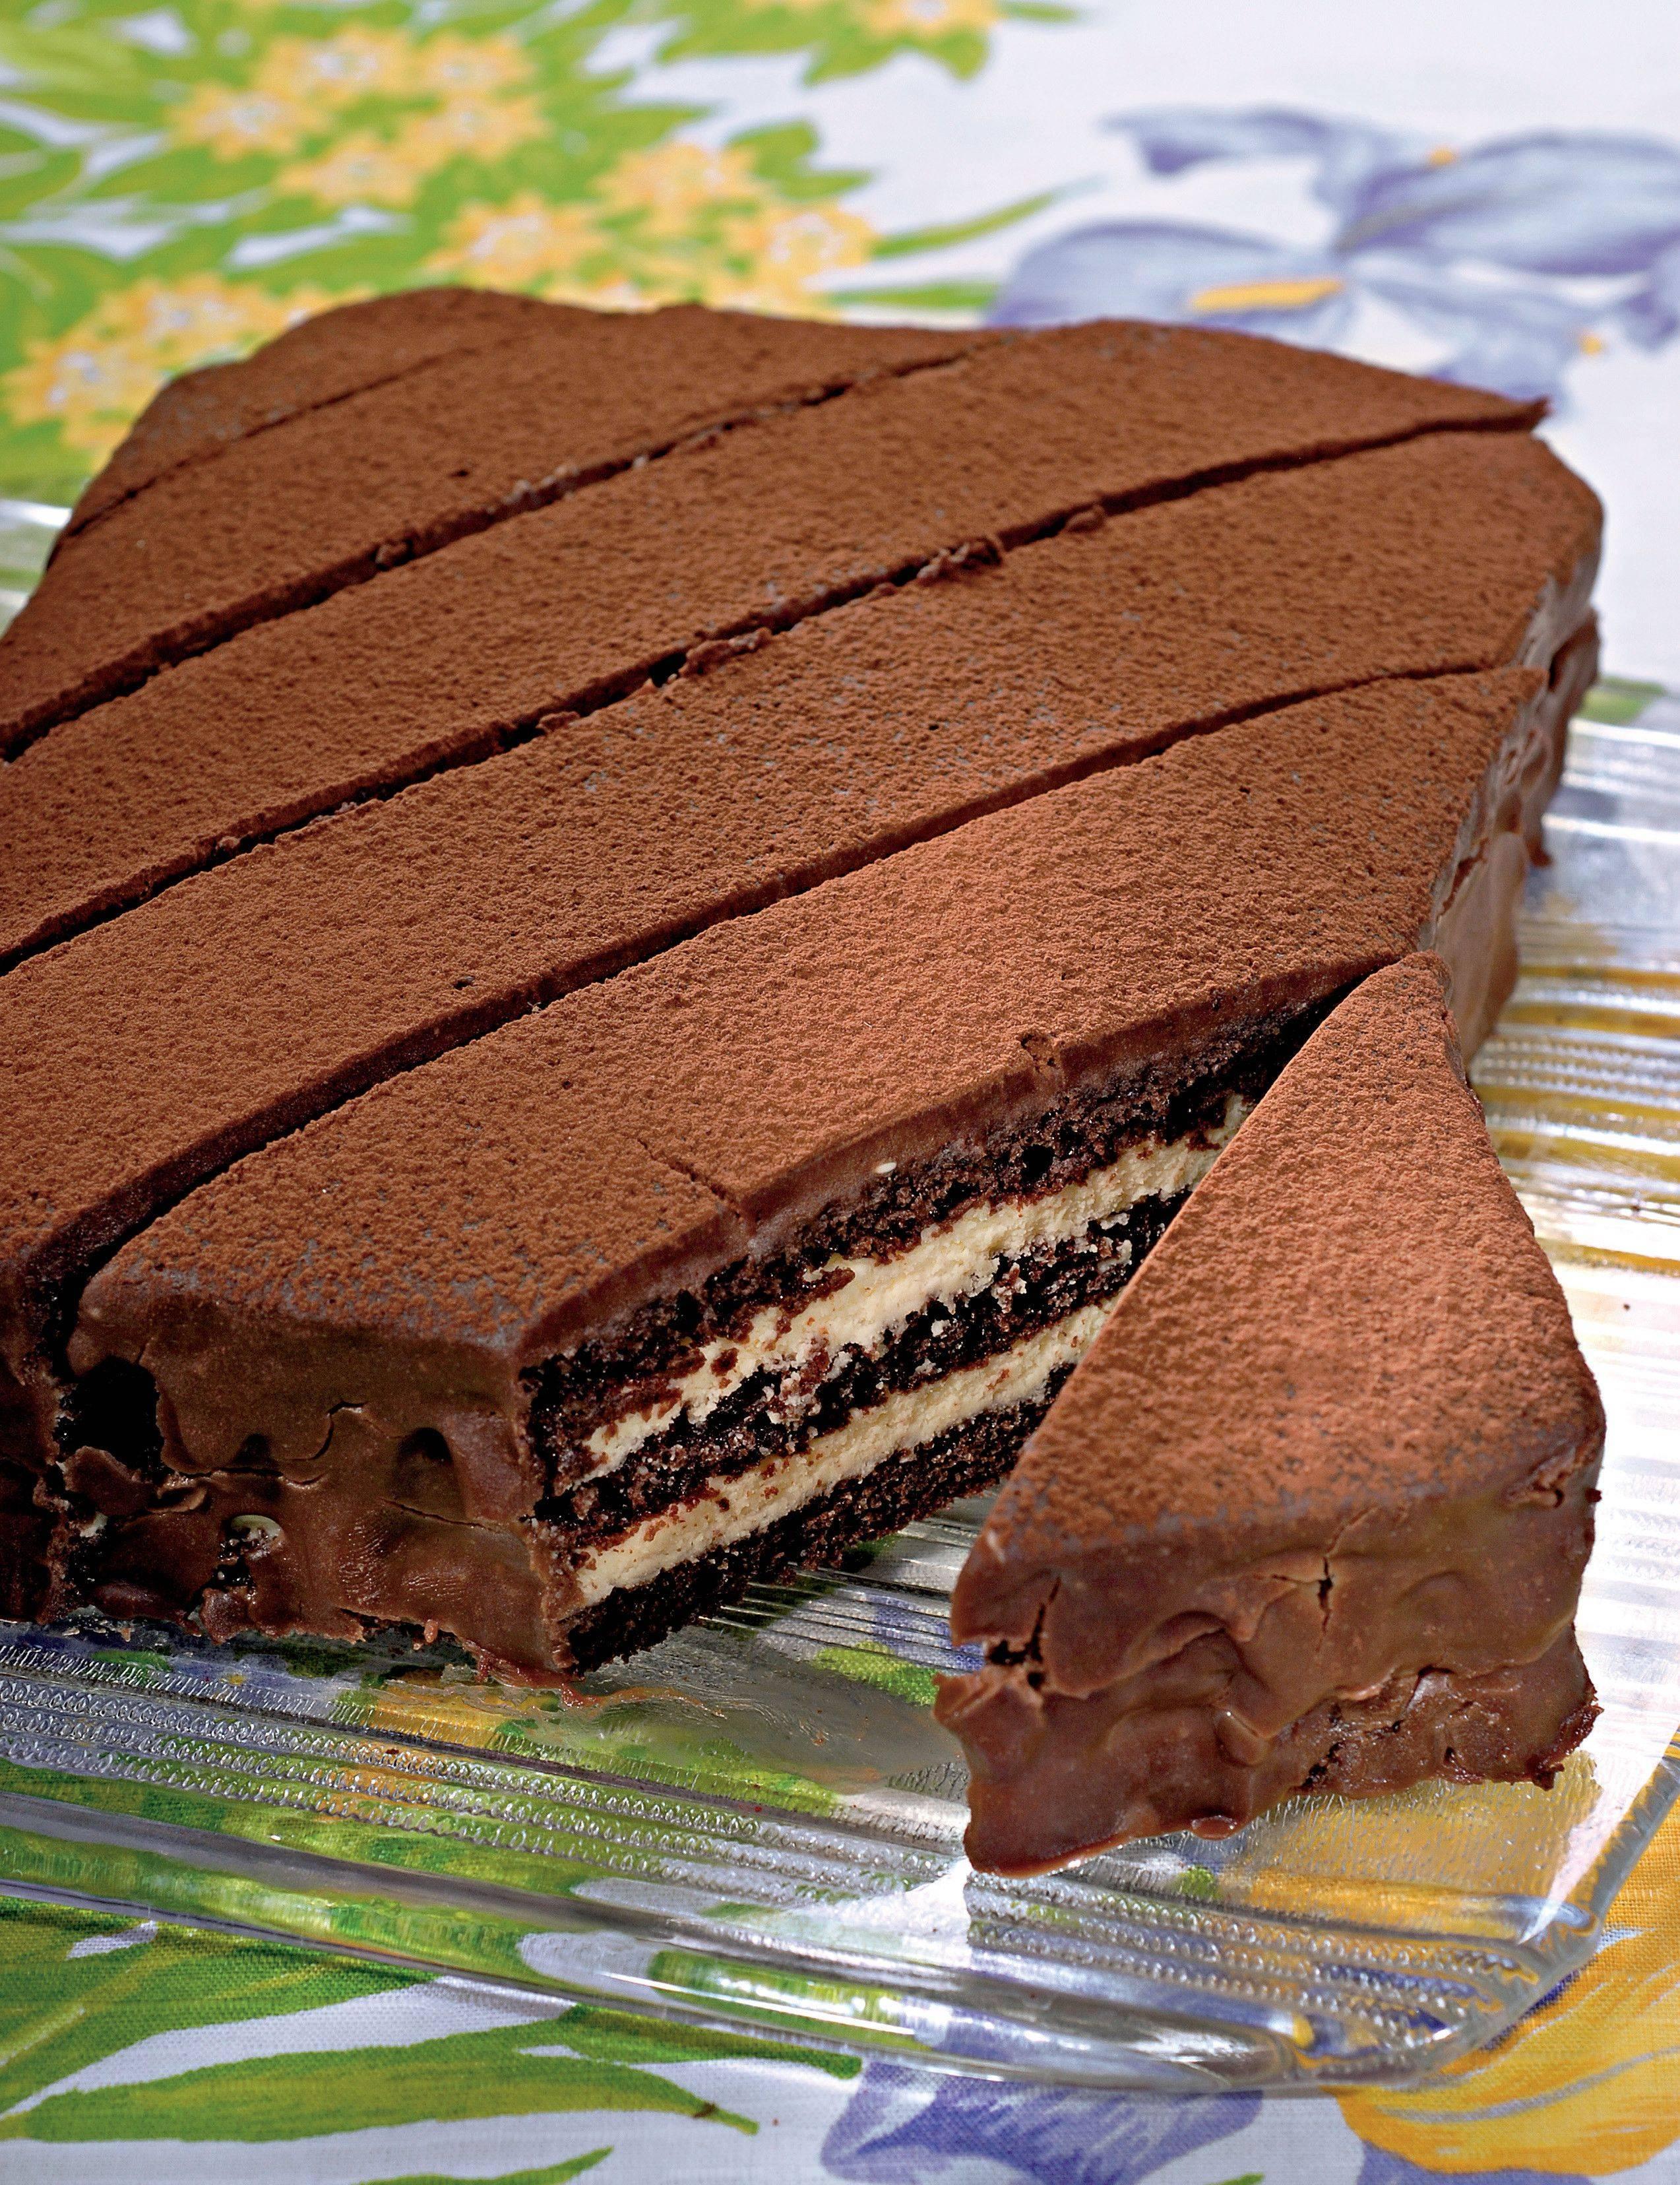 Как украсить торт фруктами: советы и рекомендации по украшению домашней выпечки